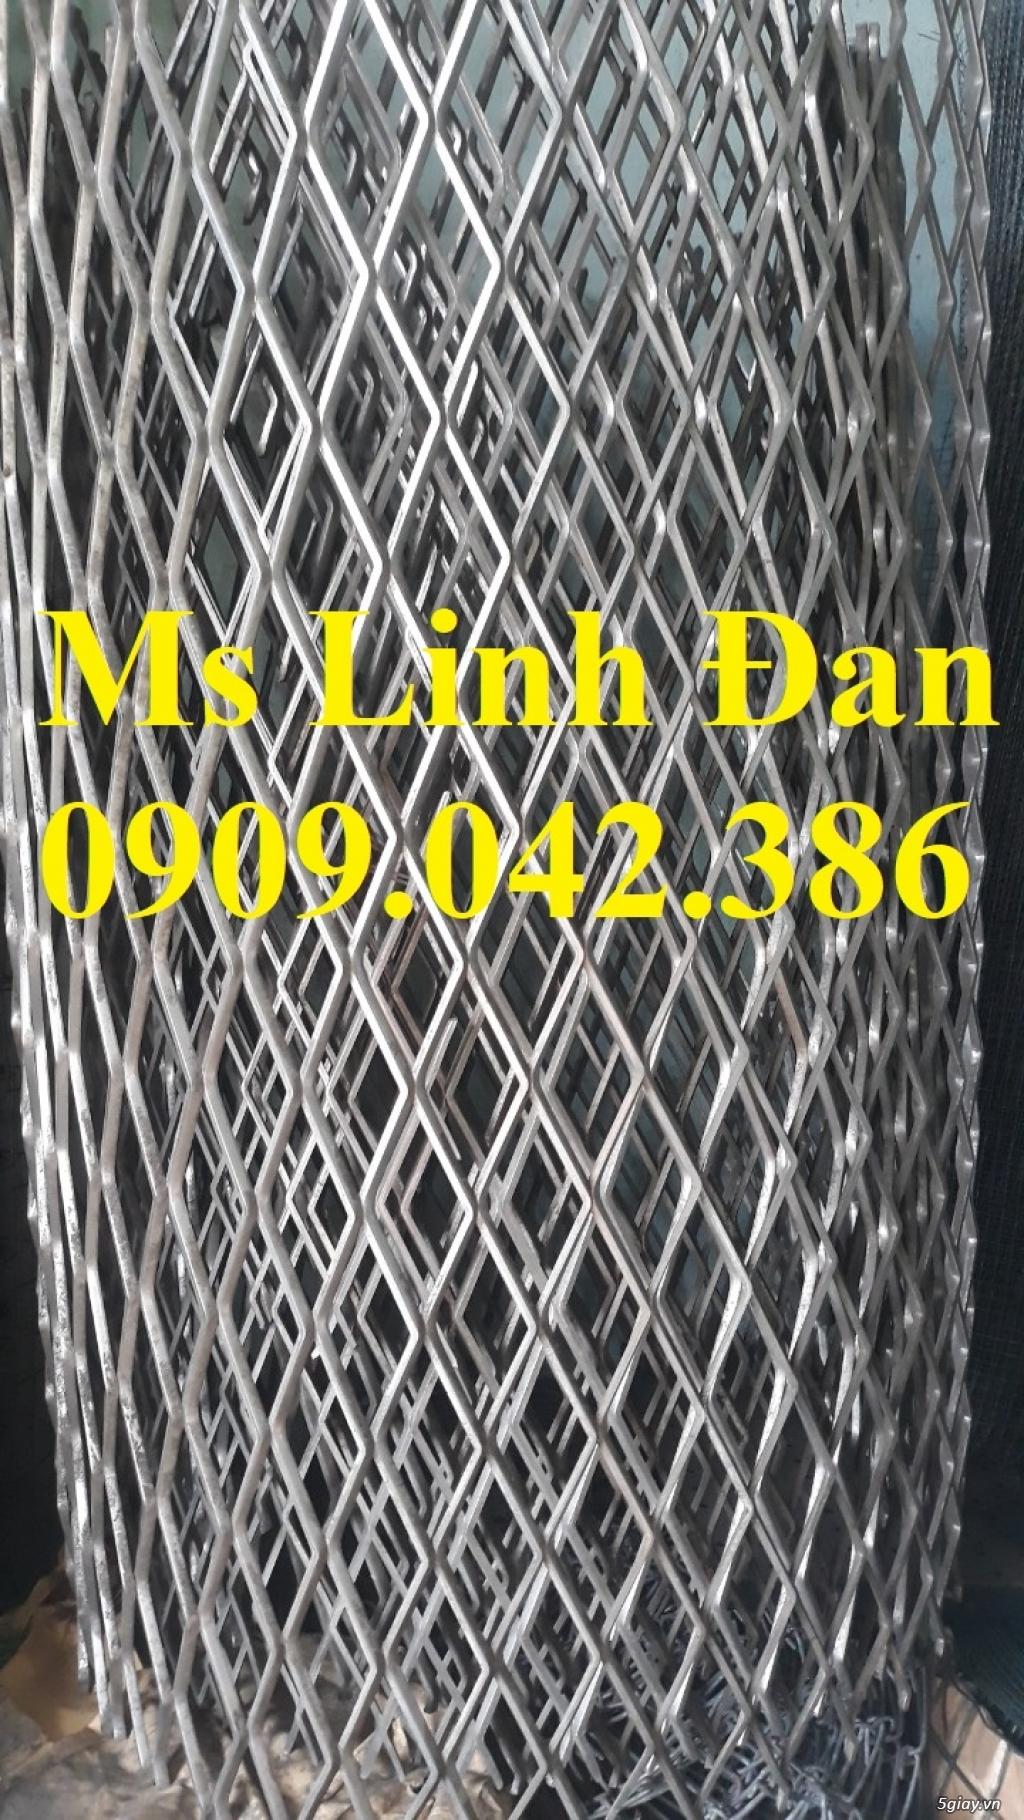 lưới thép hình thoi, lưới thép kéo giãn, lưới mắt cáo, lưới xg - 4